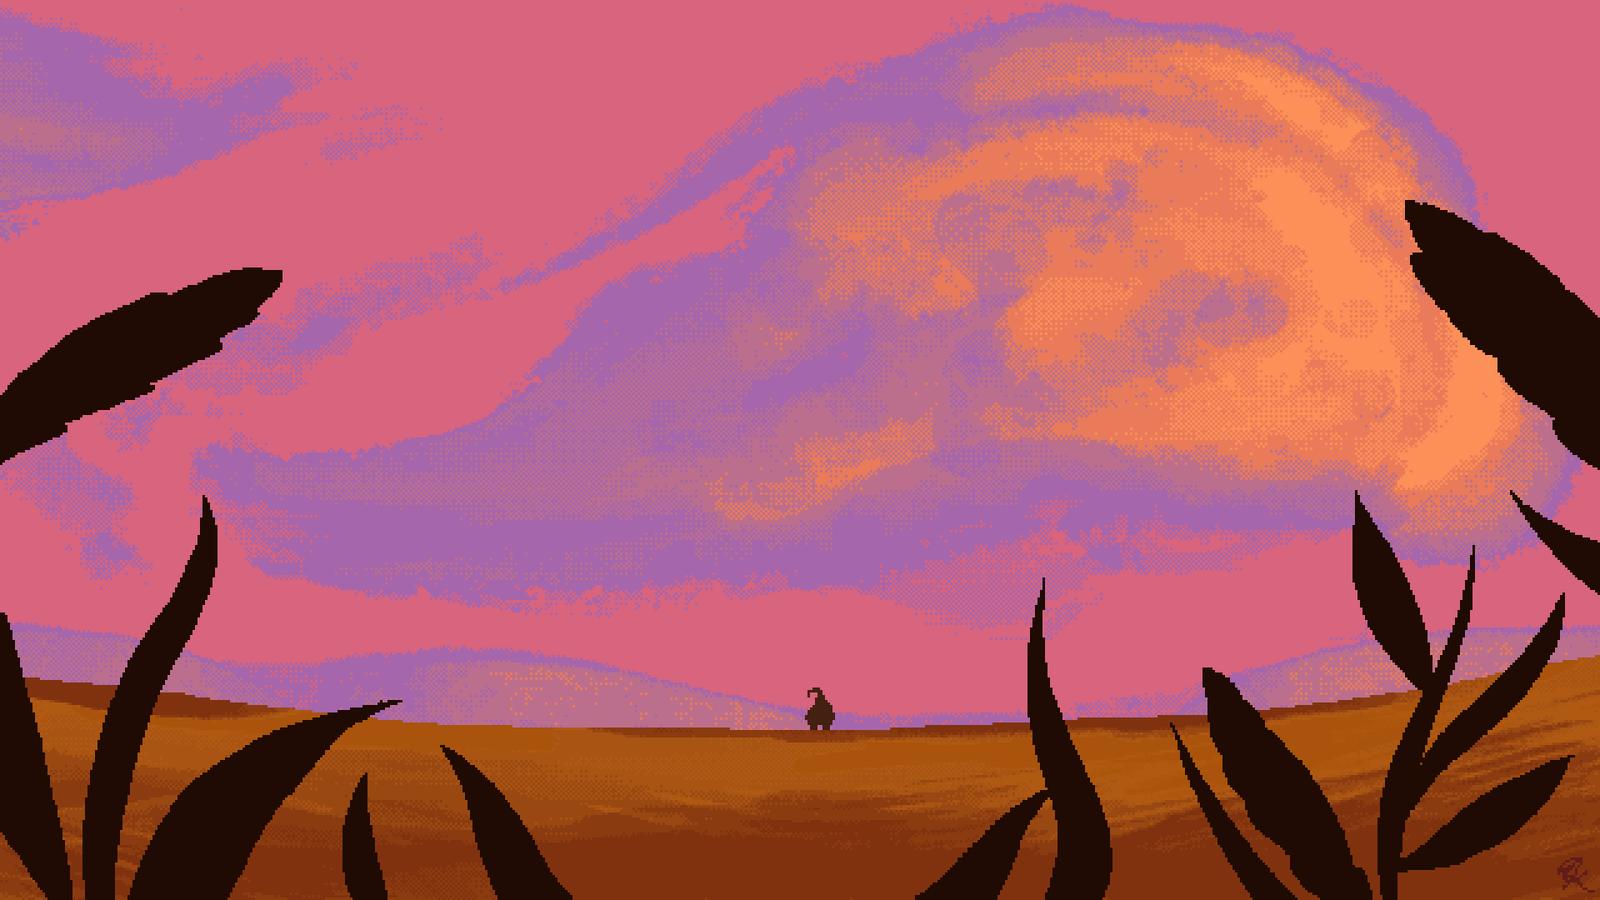 Senior Film: Field Concept by Piggybank12